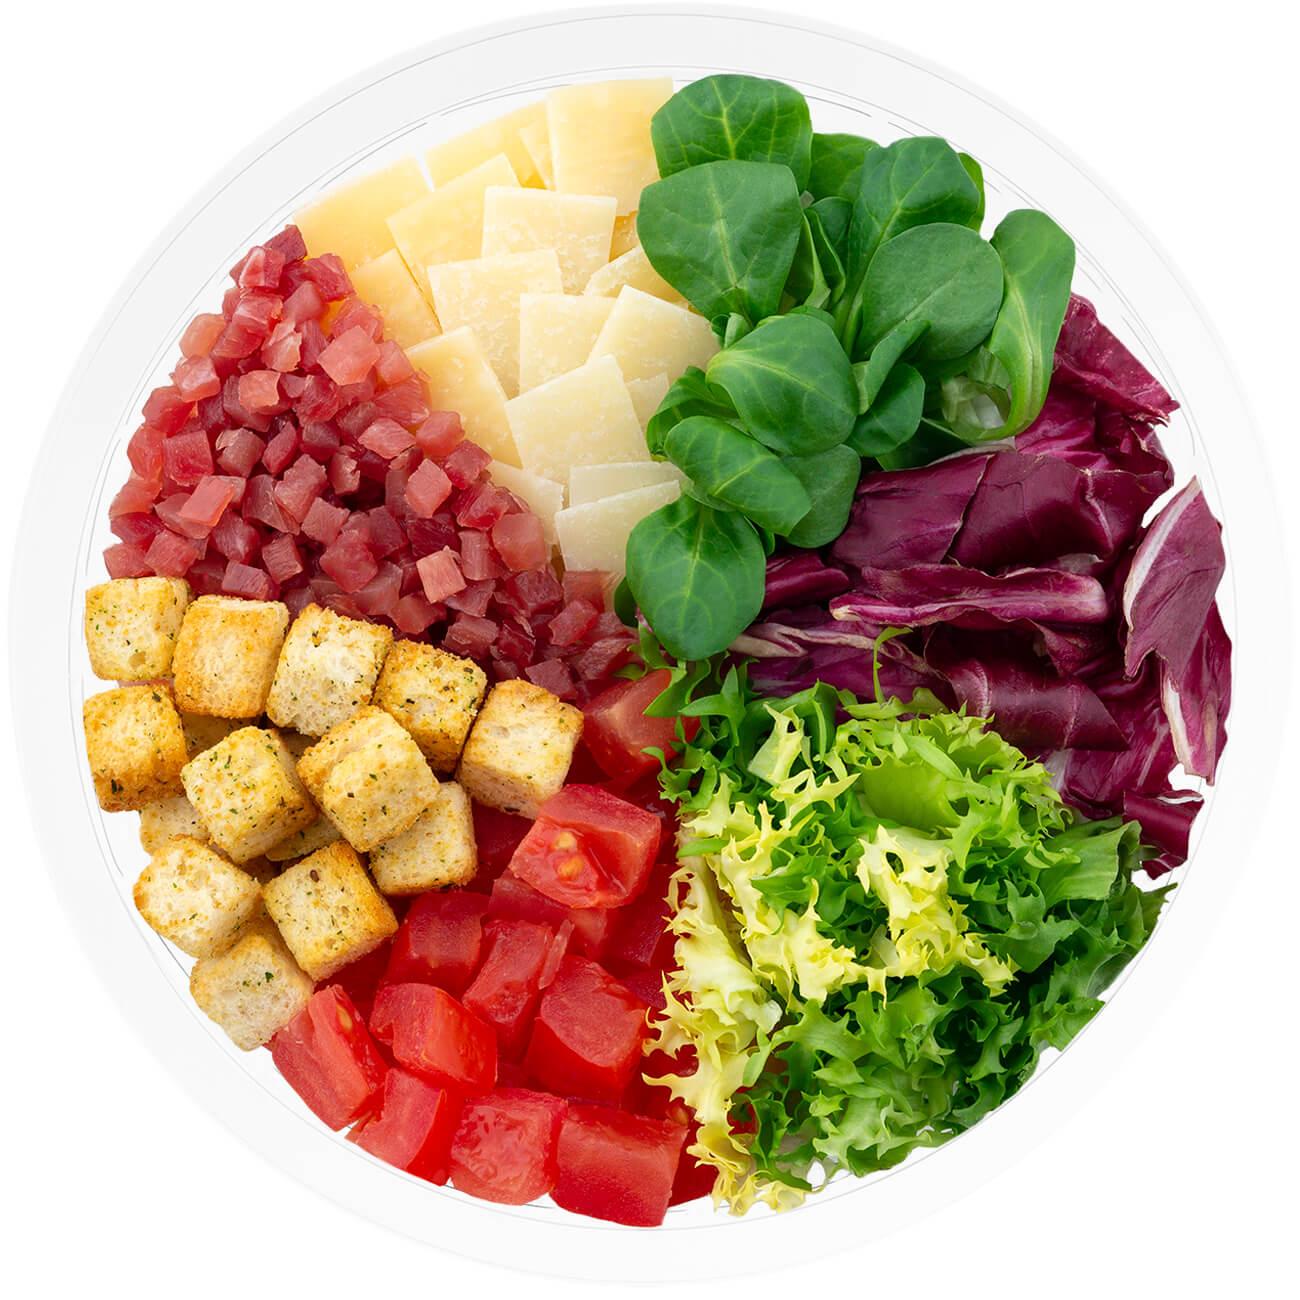 Ensalada completa ibérica con escarola rizada, radicchio,canónigo verde, jamón serrano, queso curado, tomate en dados y vinagreta de gazpacho